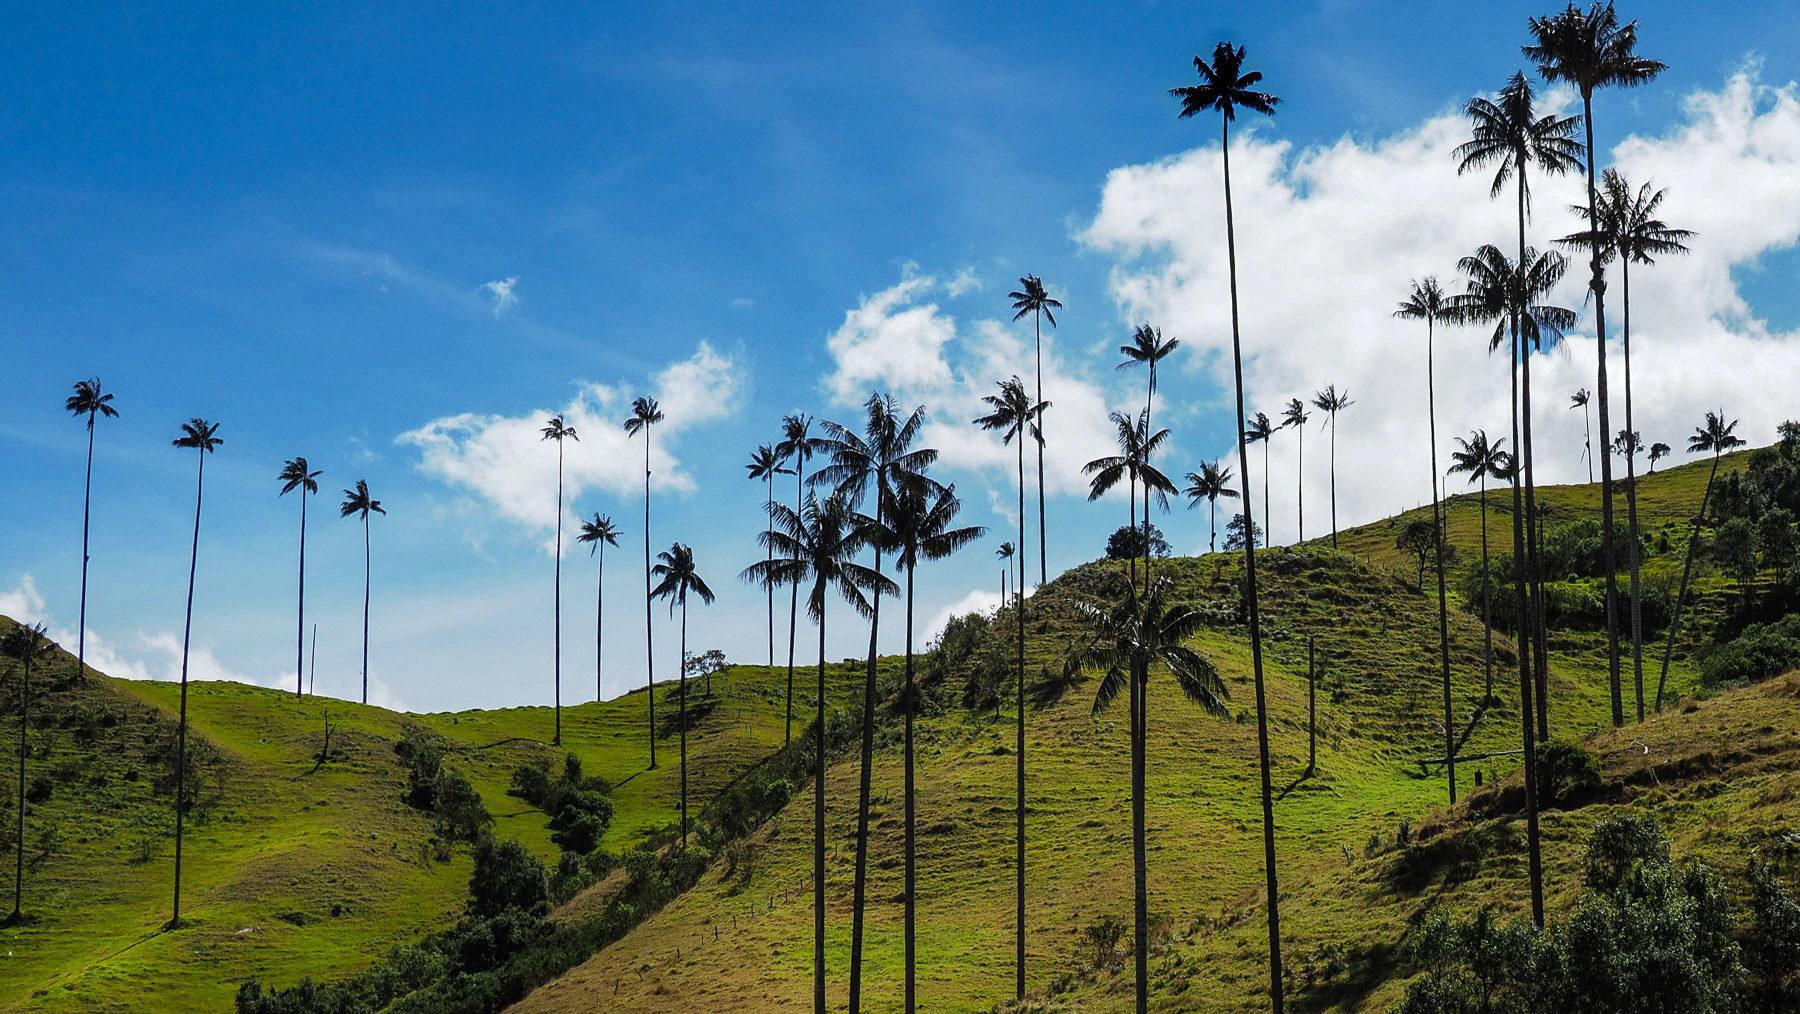 Beeindruckende Landschaft mit Wachspalmen